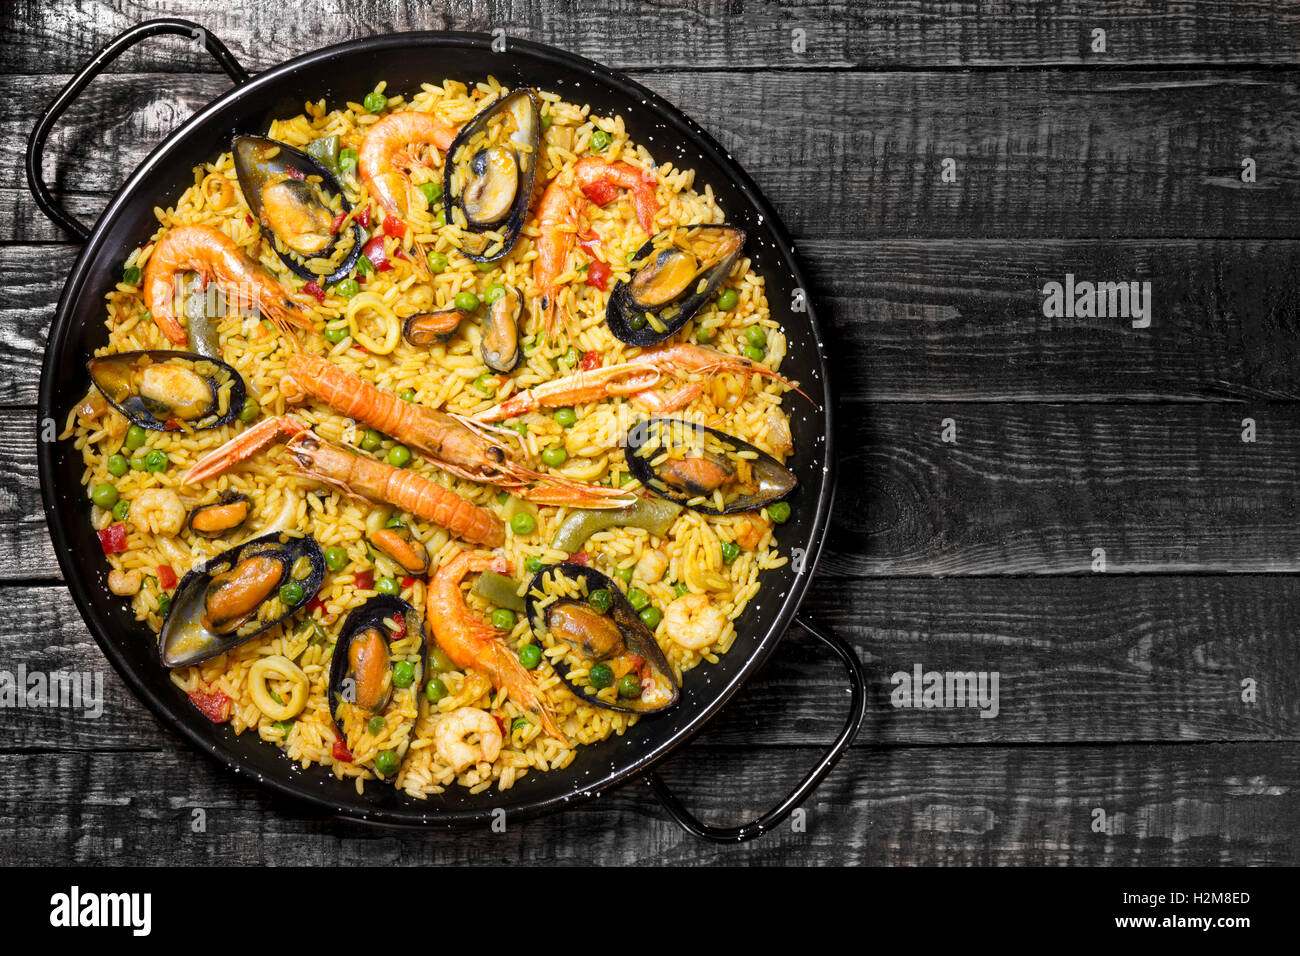 Spanische Paella auf einem dunklen Holztisch mit textfreiraum auf der rechten Seite Stockbild